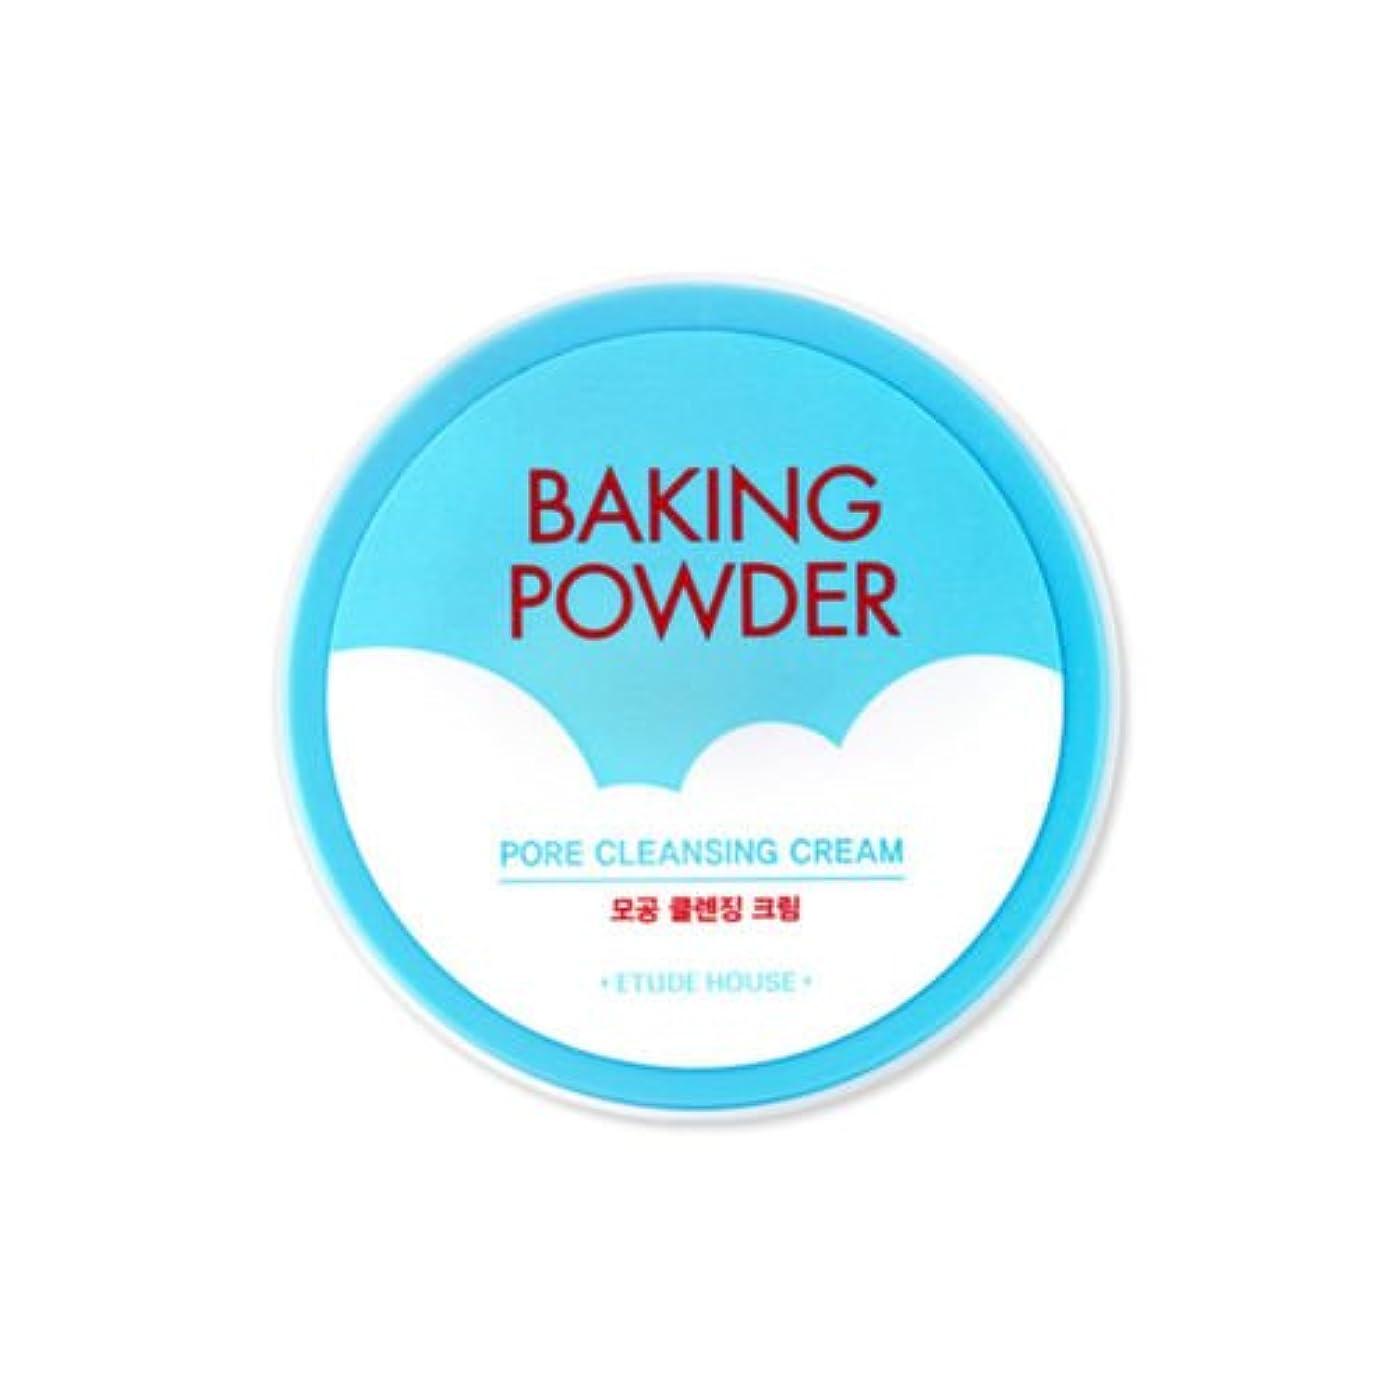 切り刻むアヒル災害[2016 Upgrade!] ETUDE HOUSE Baking Powder Pore Cleansing Cream 180ml/エチュードハウス ベーキング パウダー ポア クレンジング クリーム 180ml